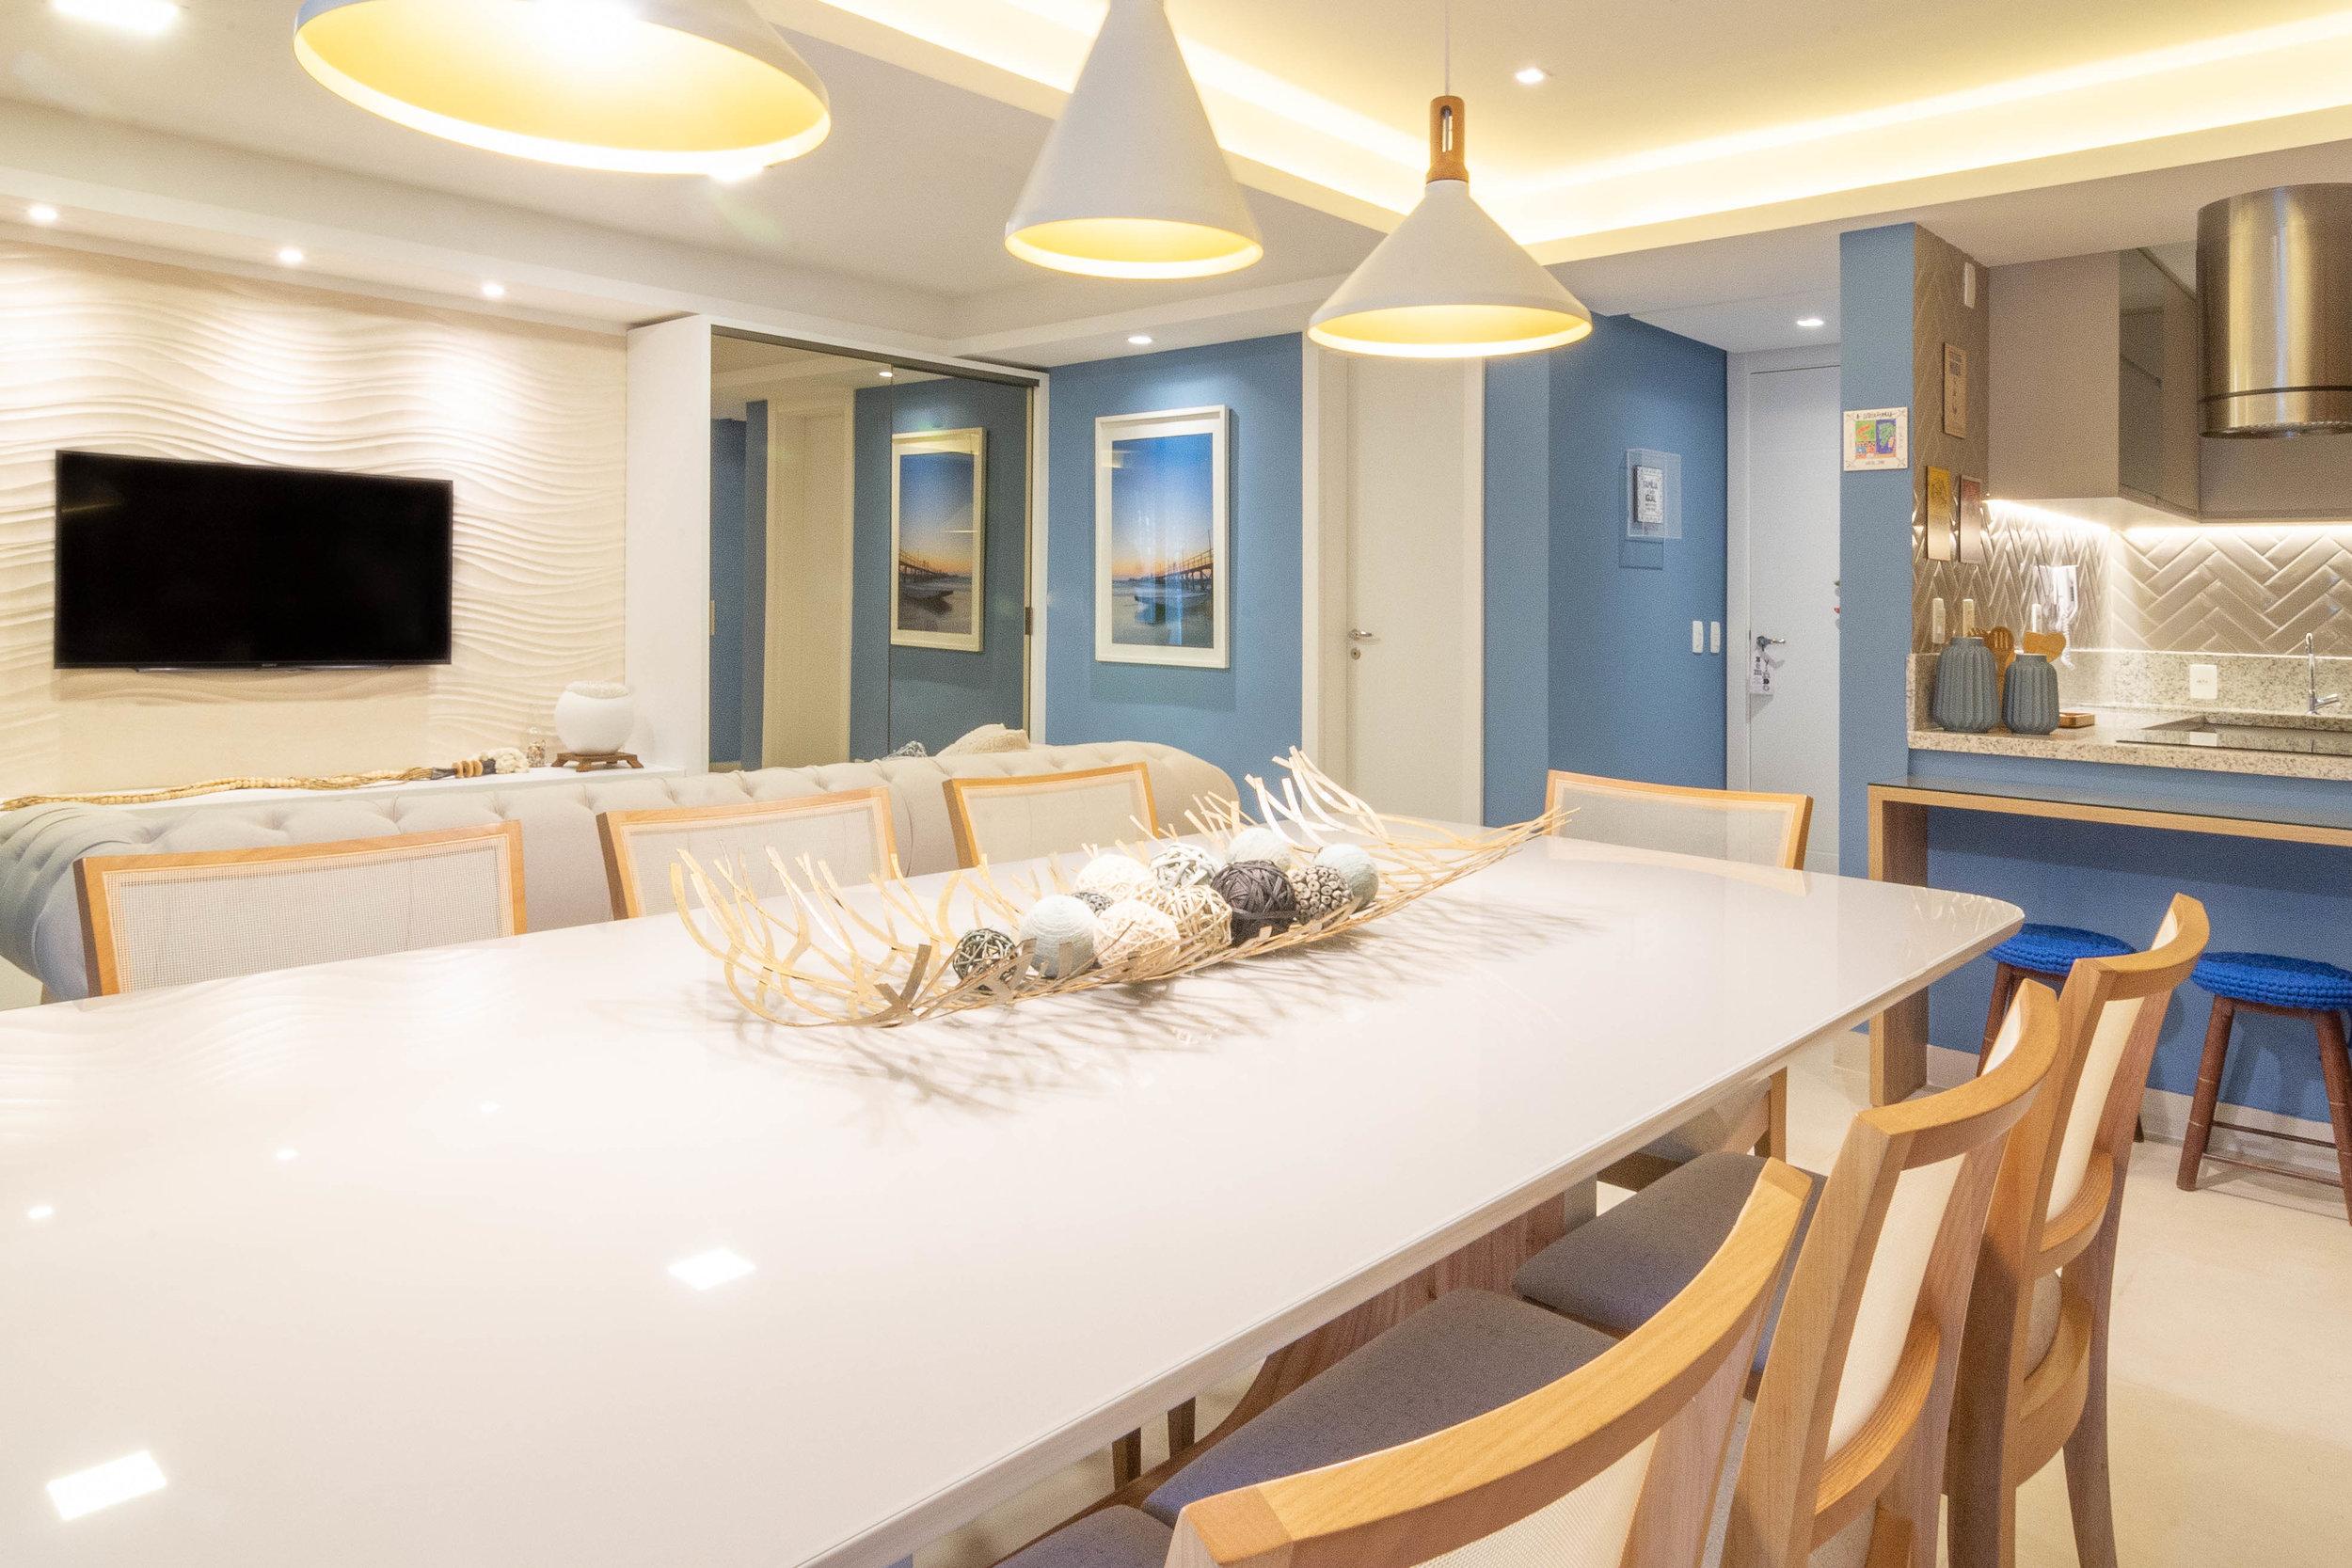 projeto-arquitetonico-luciananilton-duo-arquitetura-apartamentos-praia-016.jpg